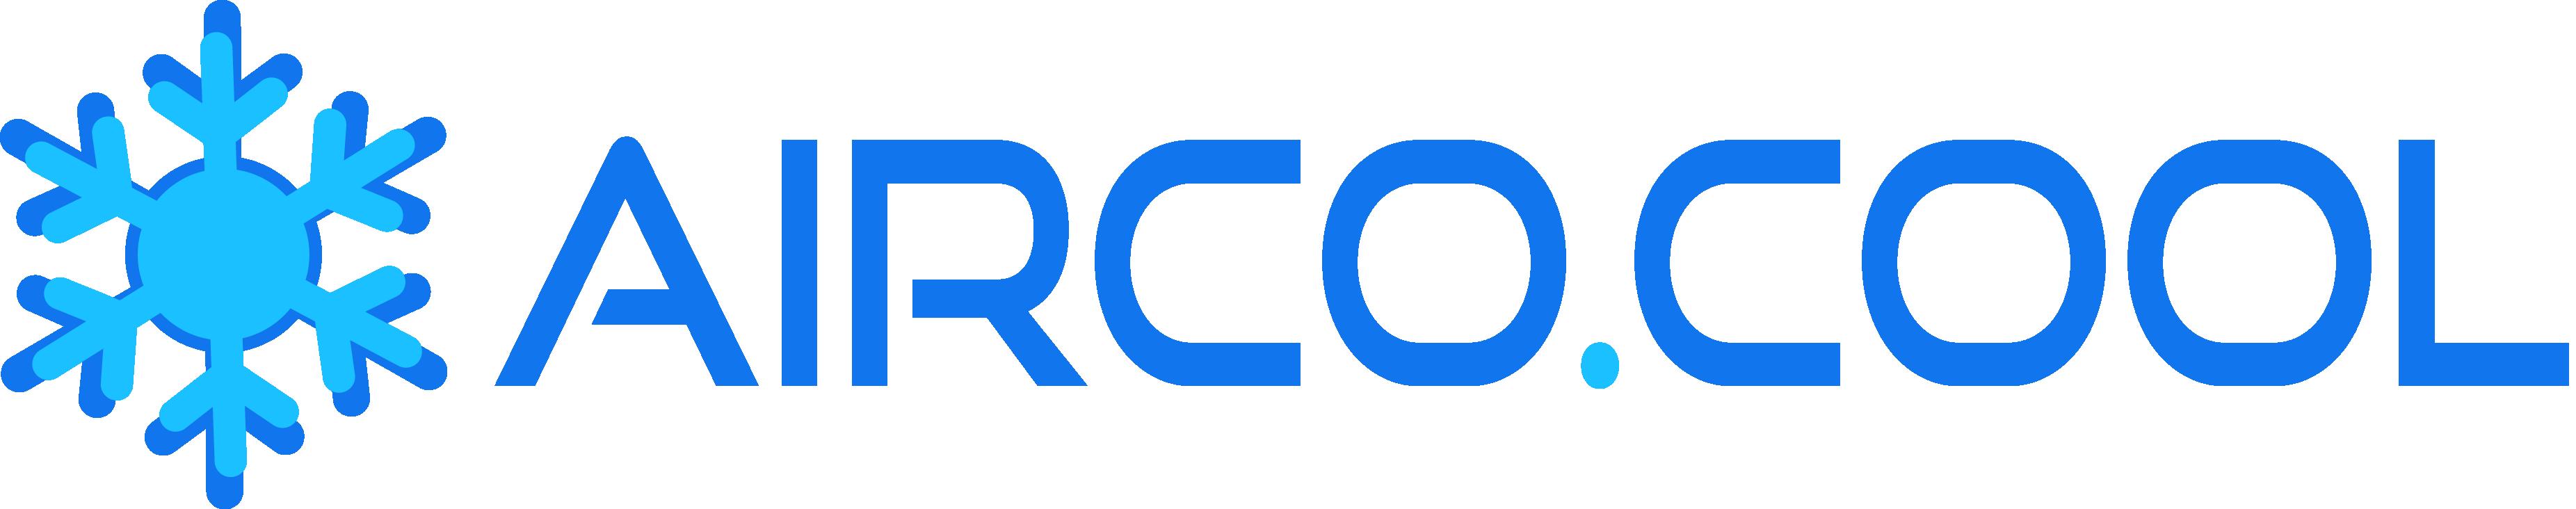 Airco.cool